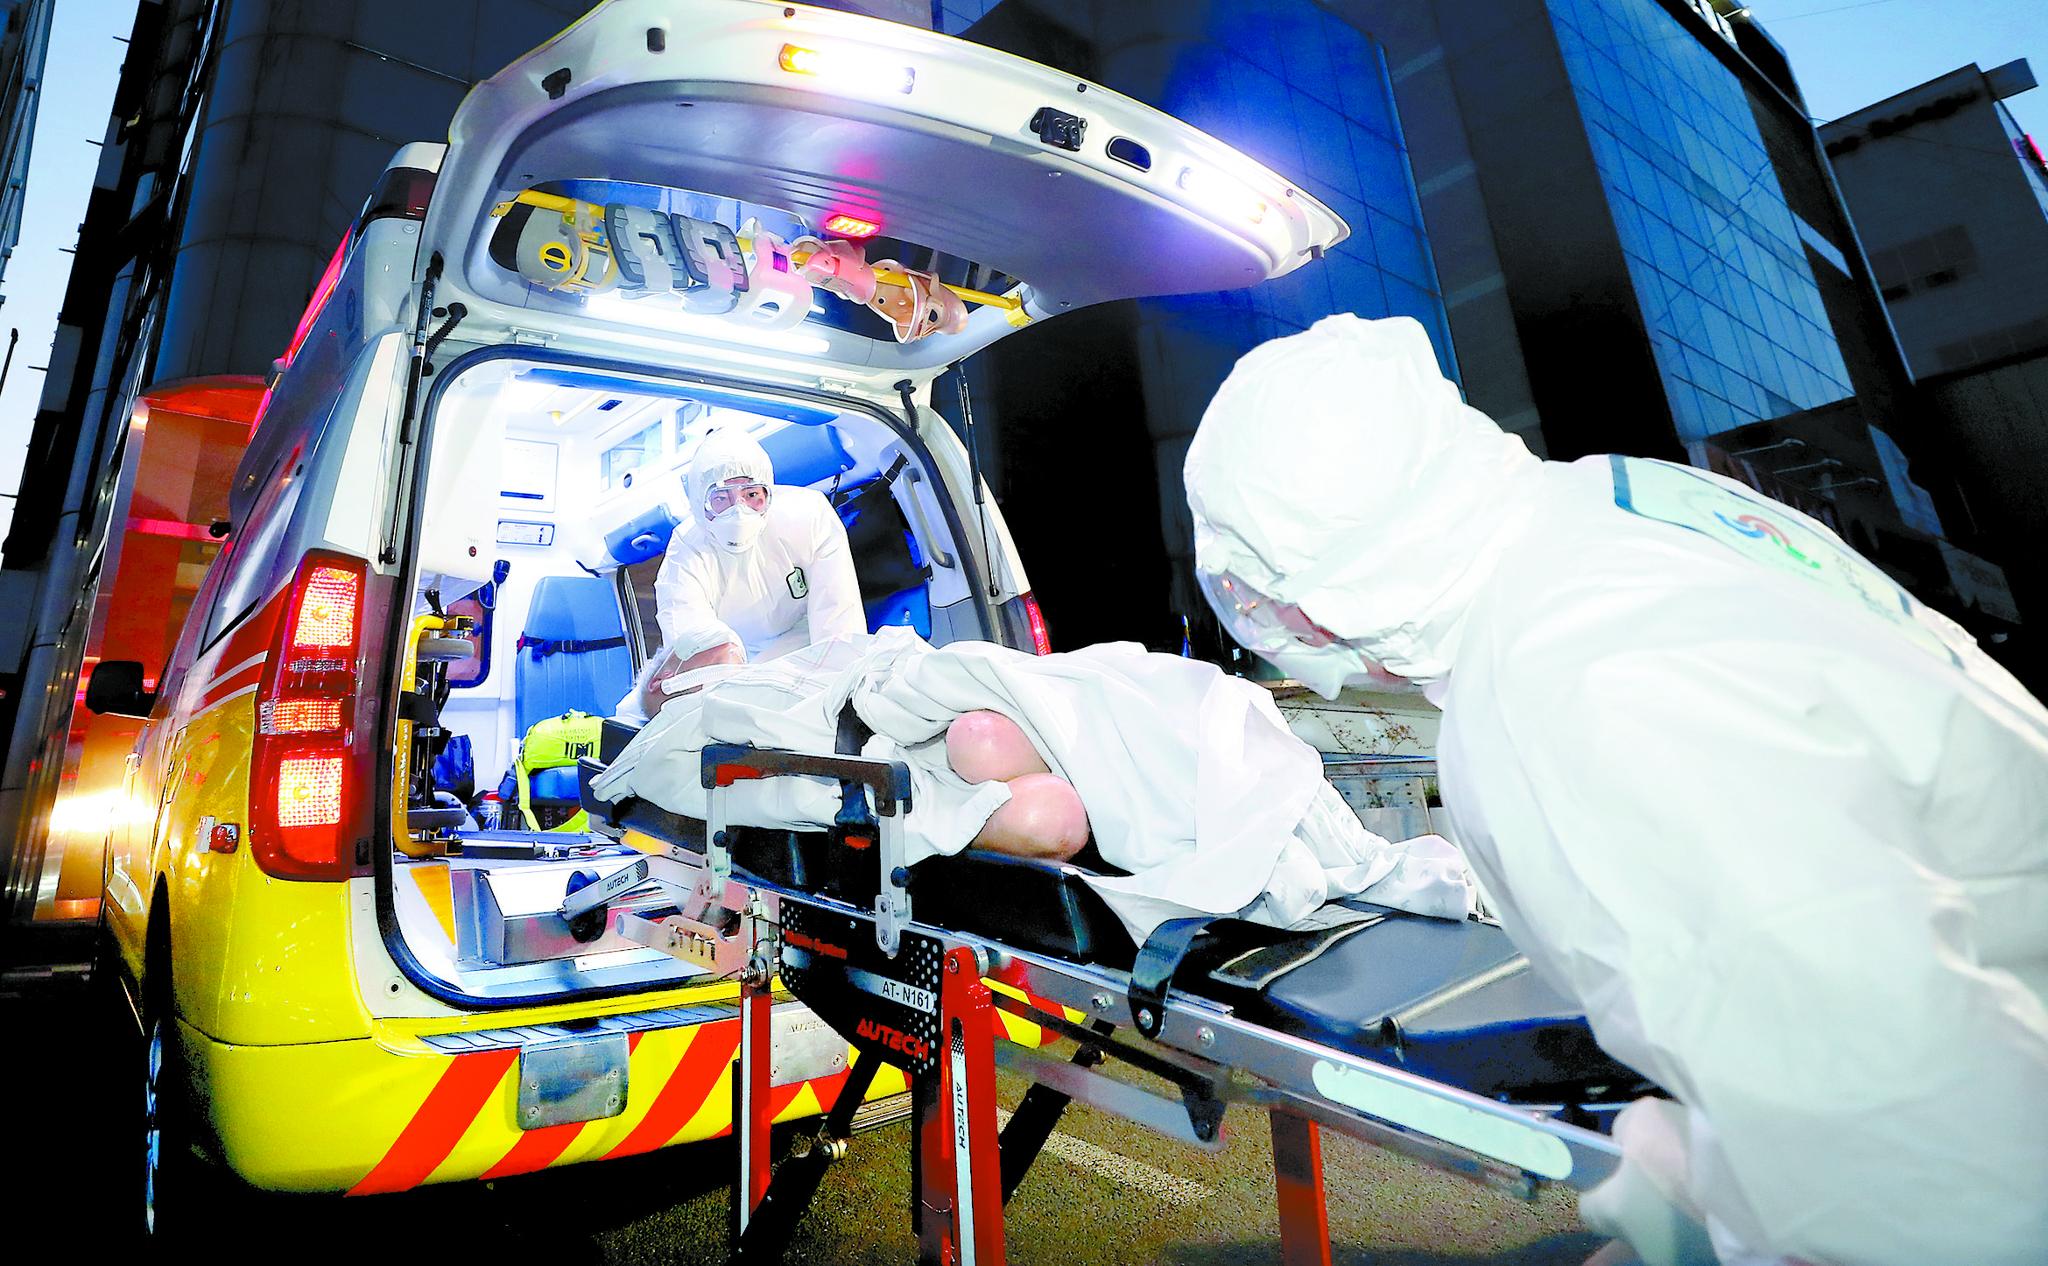 18일 환자와 직원 등 75명의 신종 코로나바이러스 감염증(코로나19) 확진자가 발생한 대구 서구 한사랑요양병원에서 환자가 이송되고 있다. 뉴시스